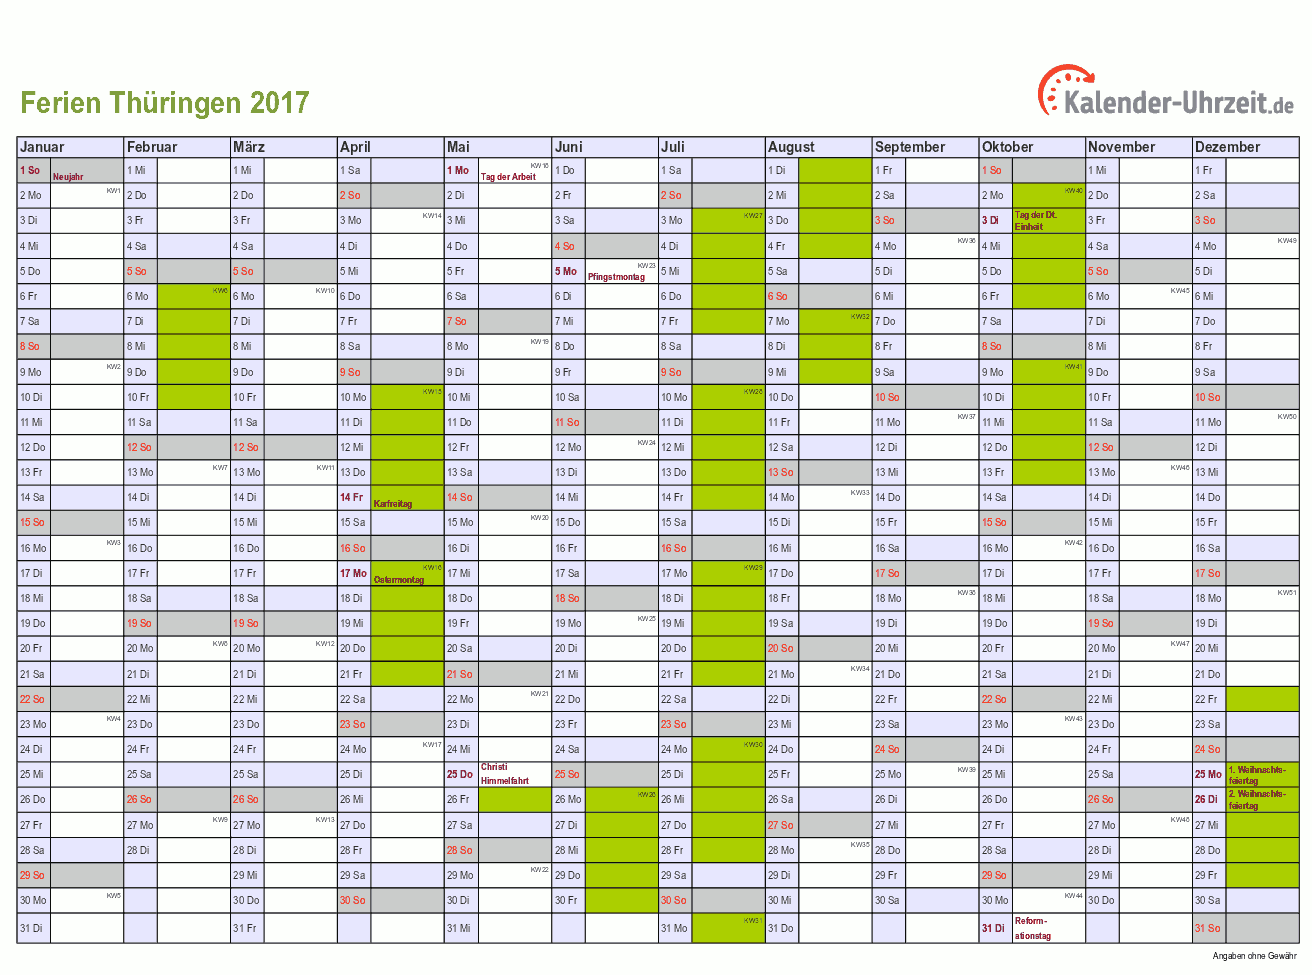 Ferien Thüringen 2017 - Ferienkalender zum Ausdrucken